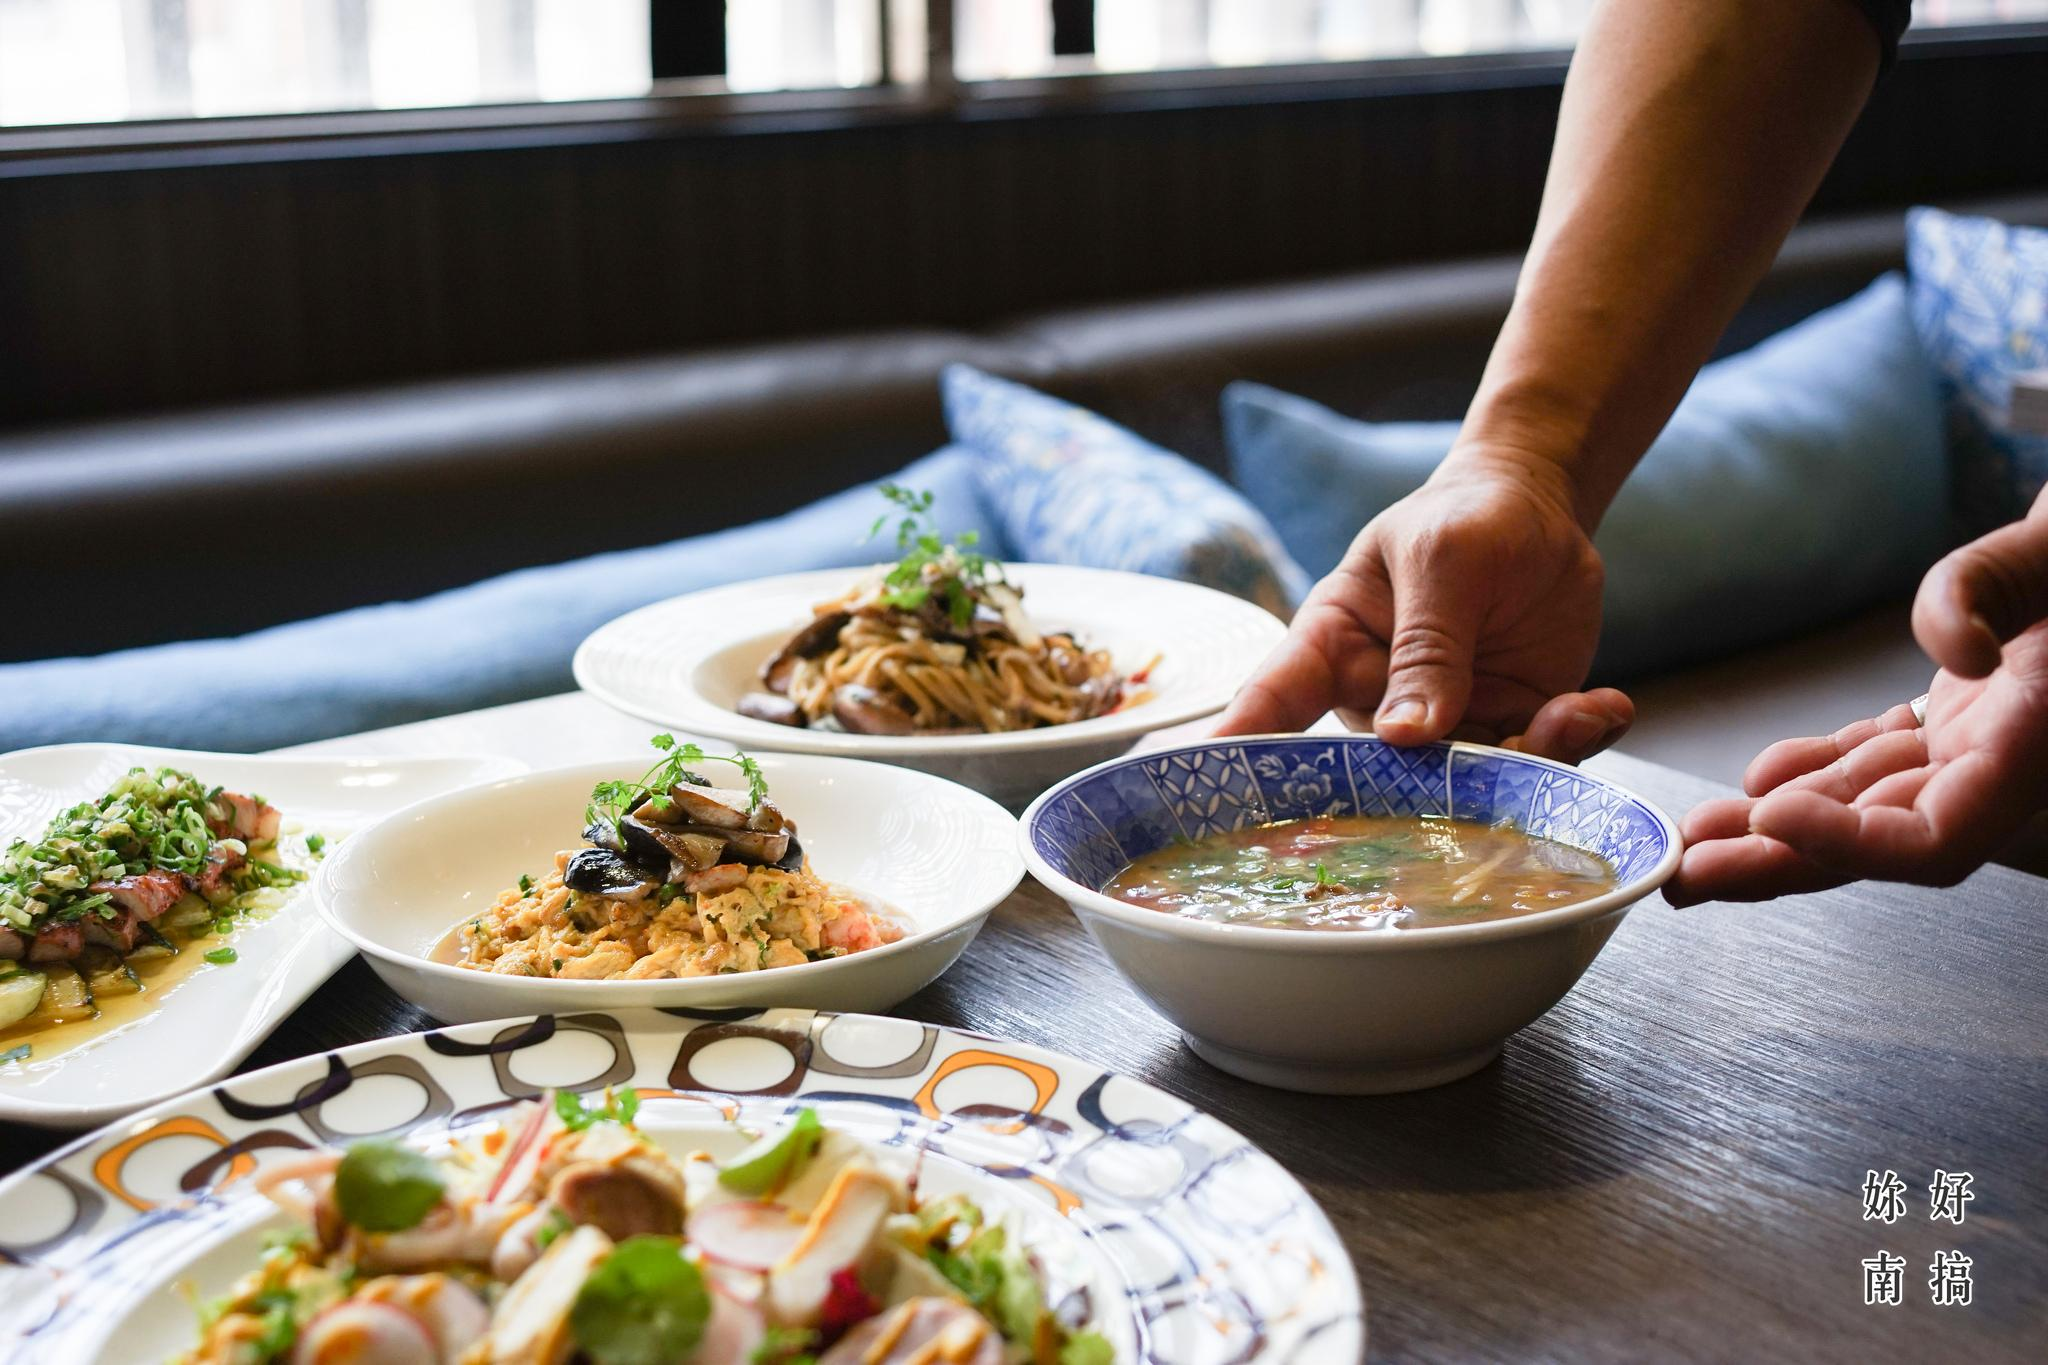 台南旅遊-主廚的菜籃子-07-妳好南搞